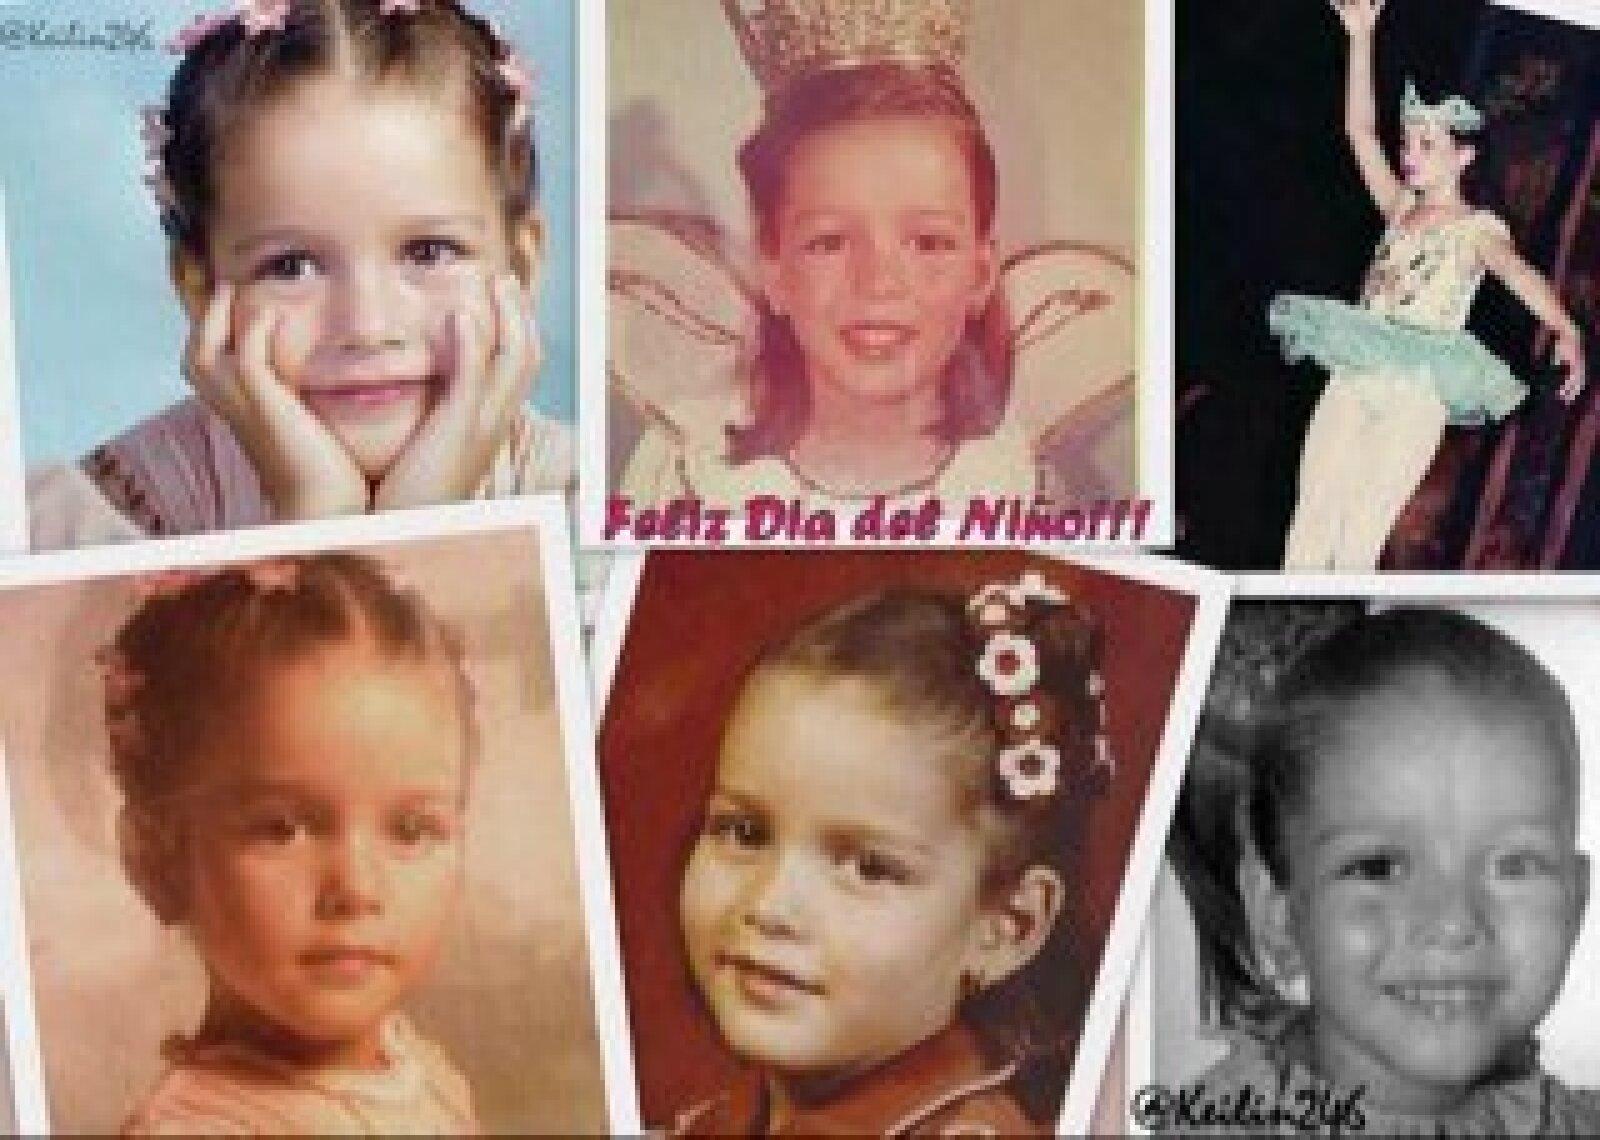 La actriz Adriana Fonseca compartió este collage